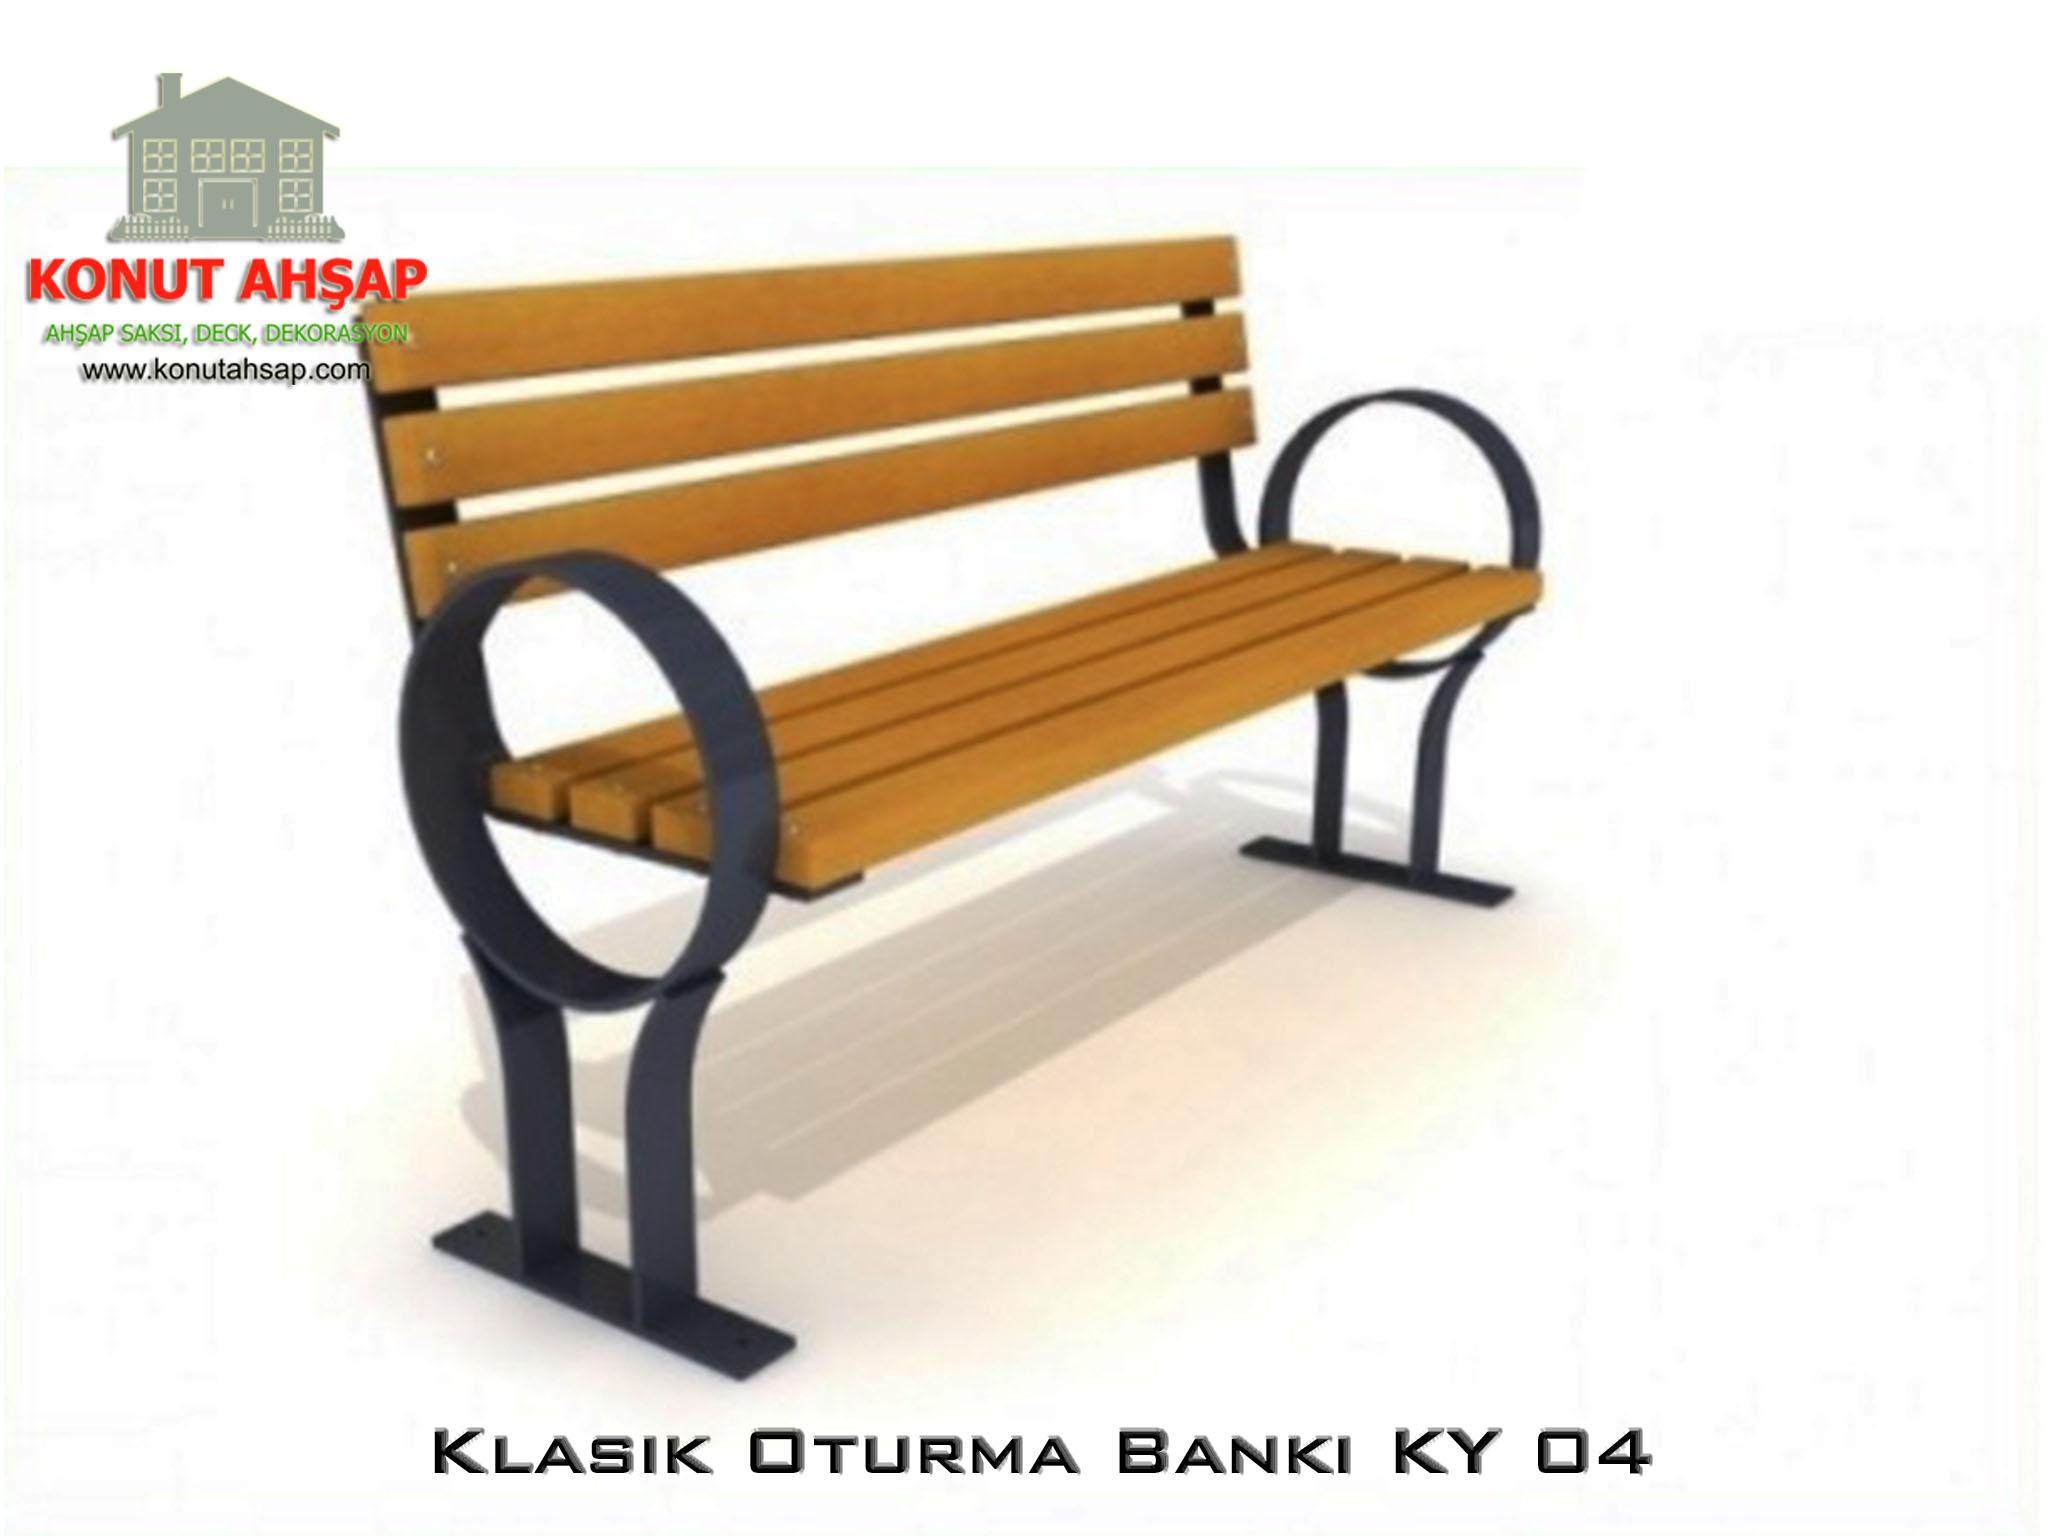 Sırtlıklı Oturma Bankı KY 04